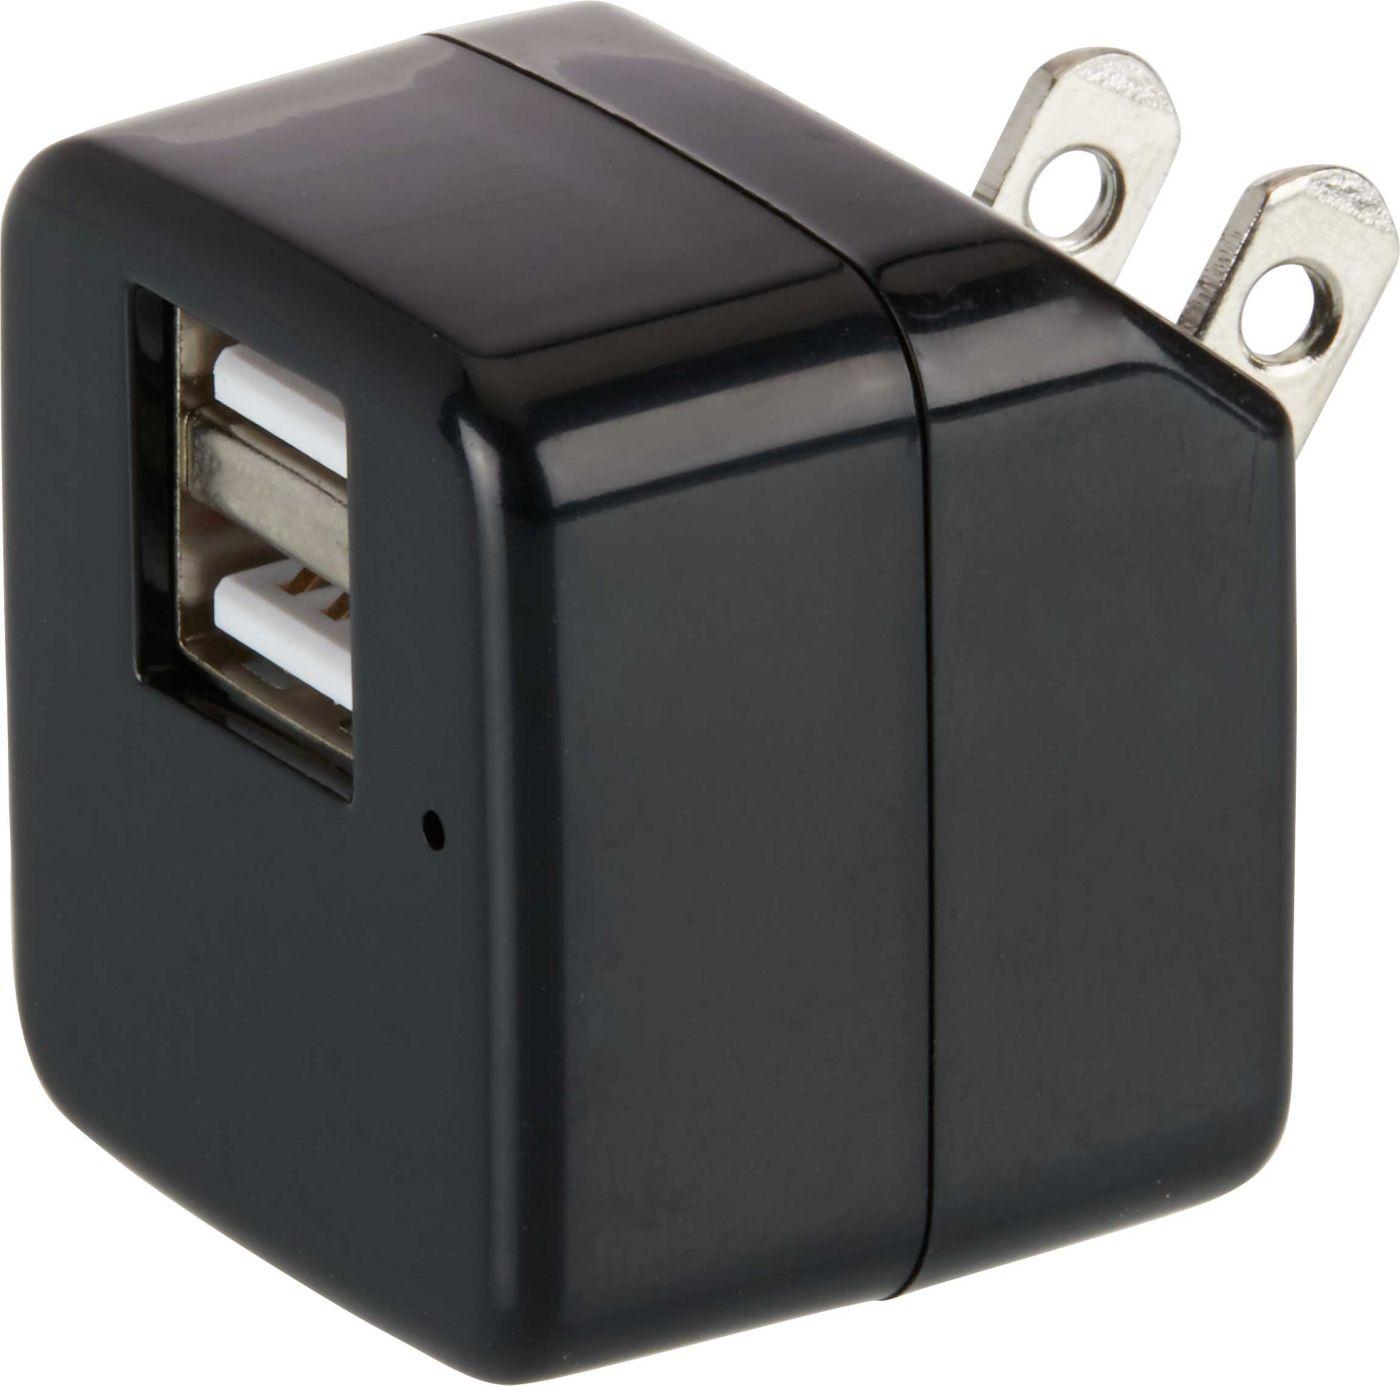 Vivitar 2.1Amp Dual USB Wall Charger